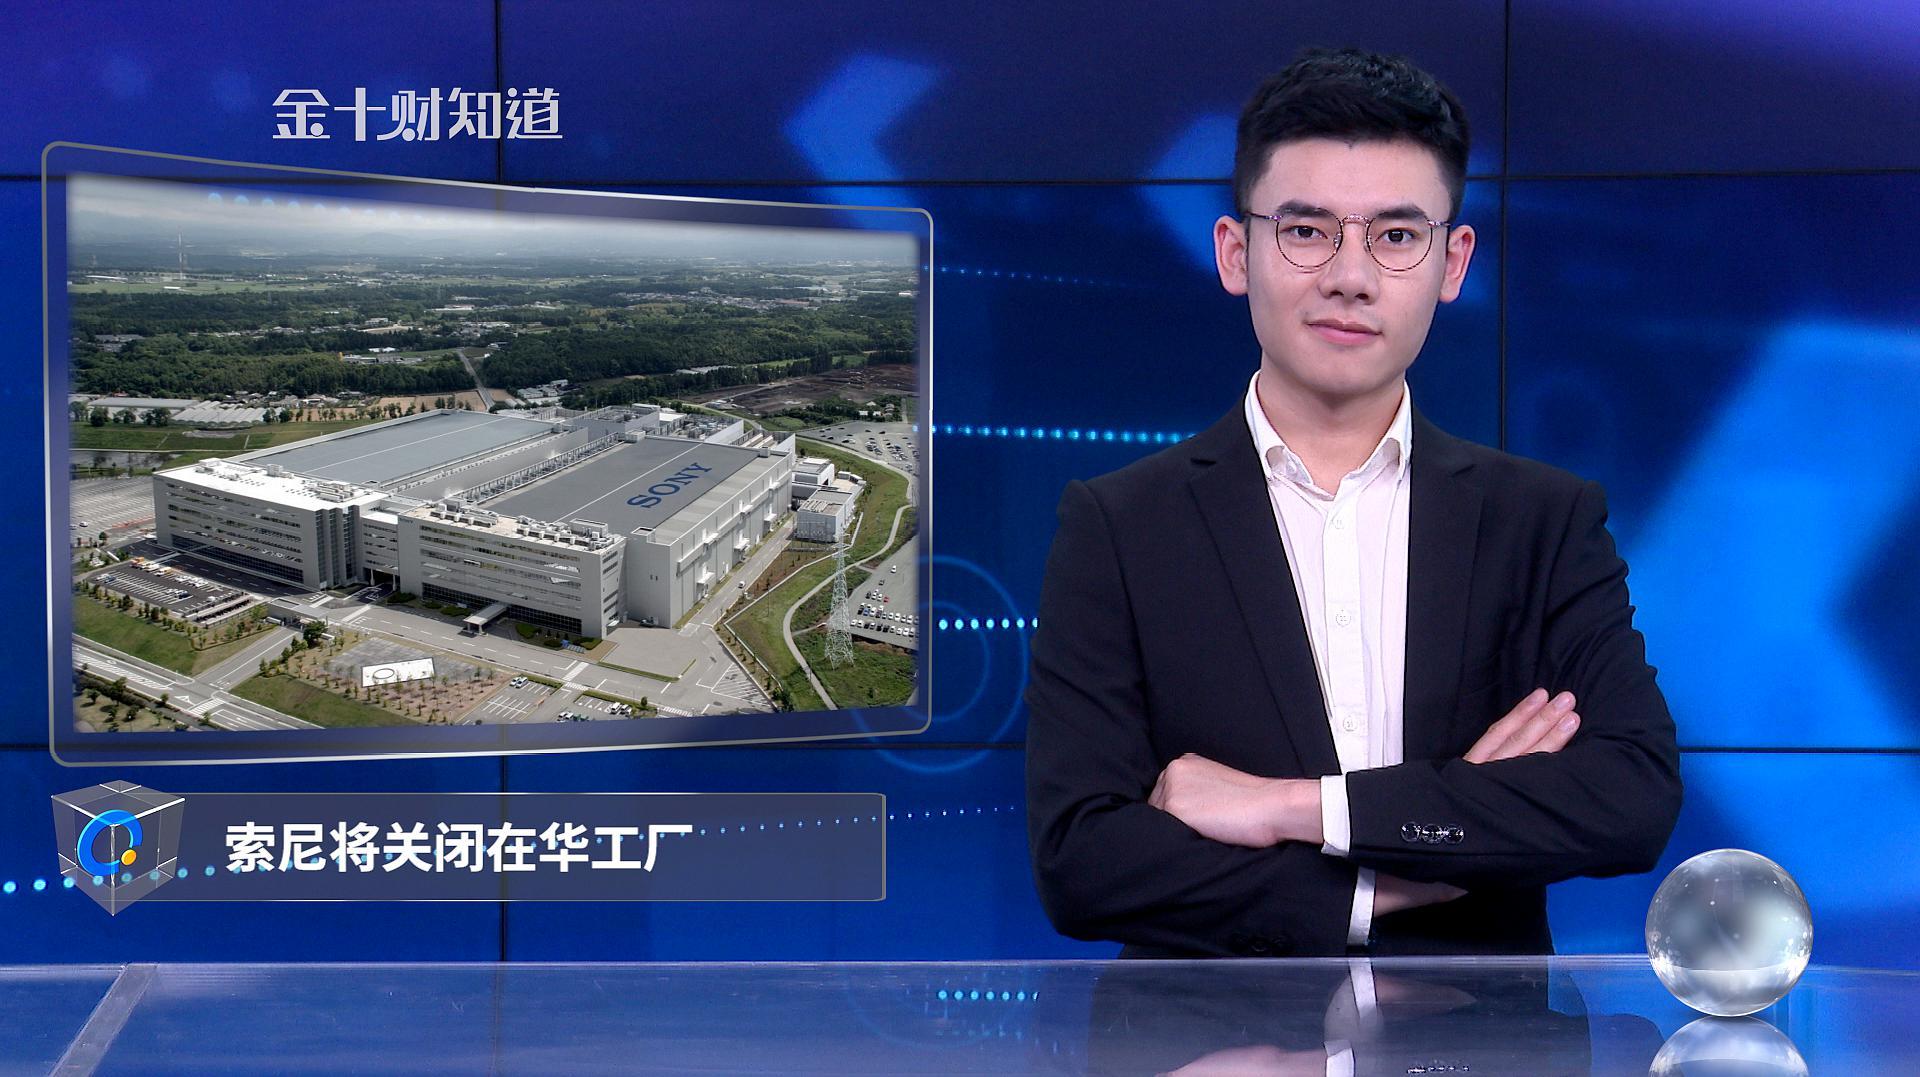 亏损950亿!日本巨头索尼关闭在华工厂,却瞄准了泰国市场?